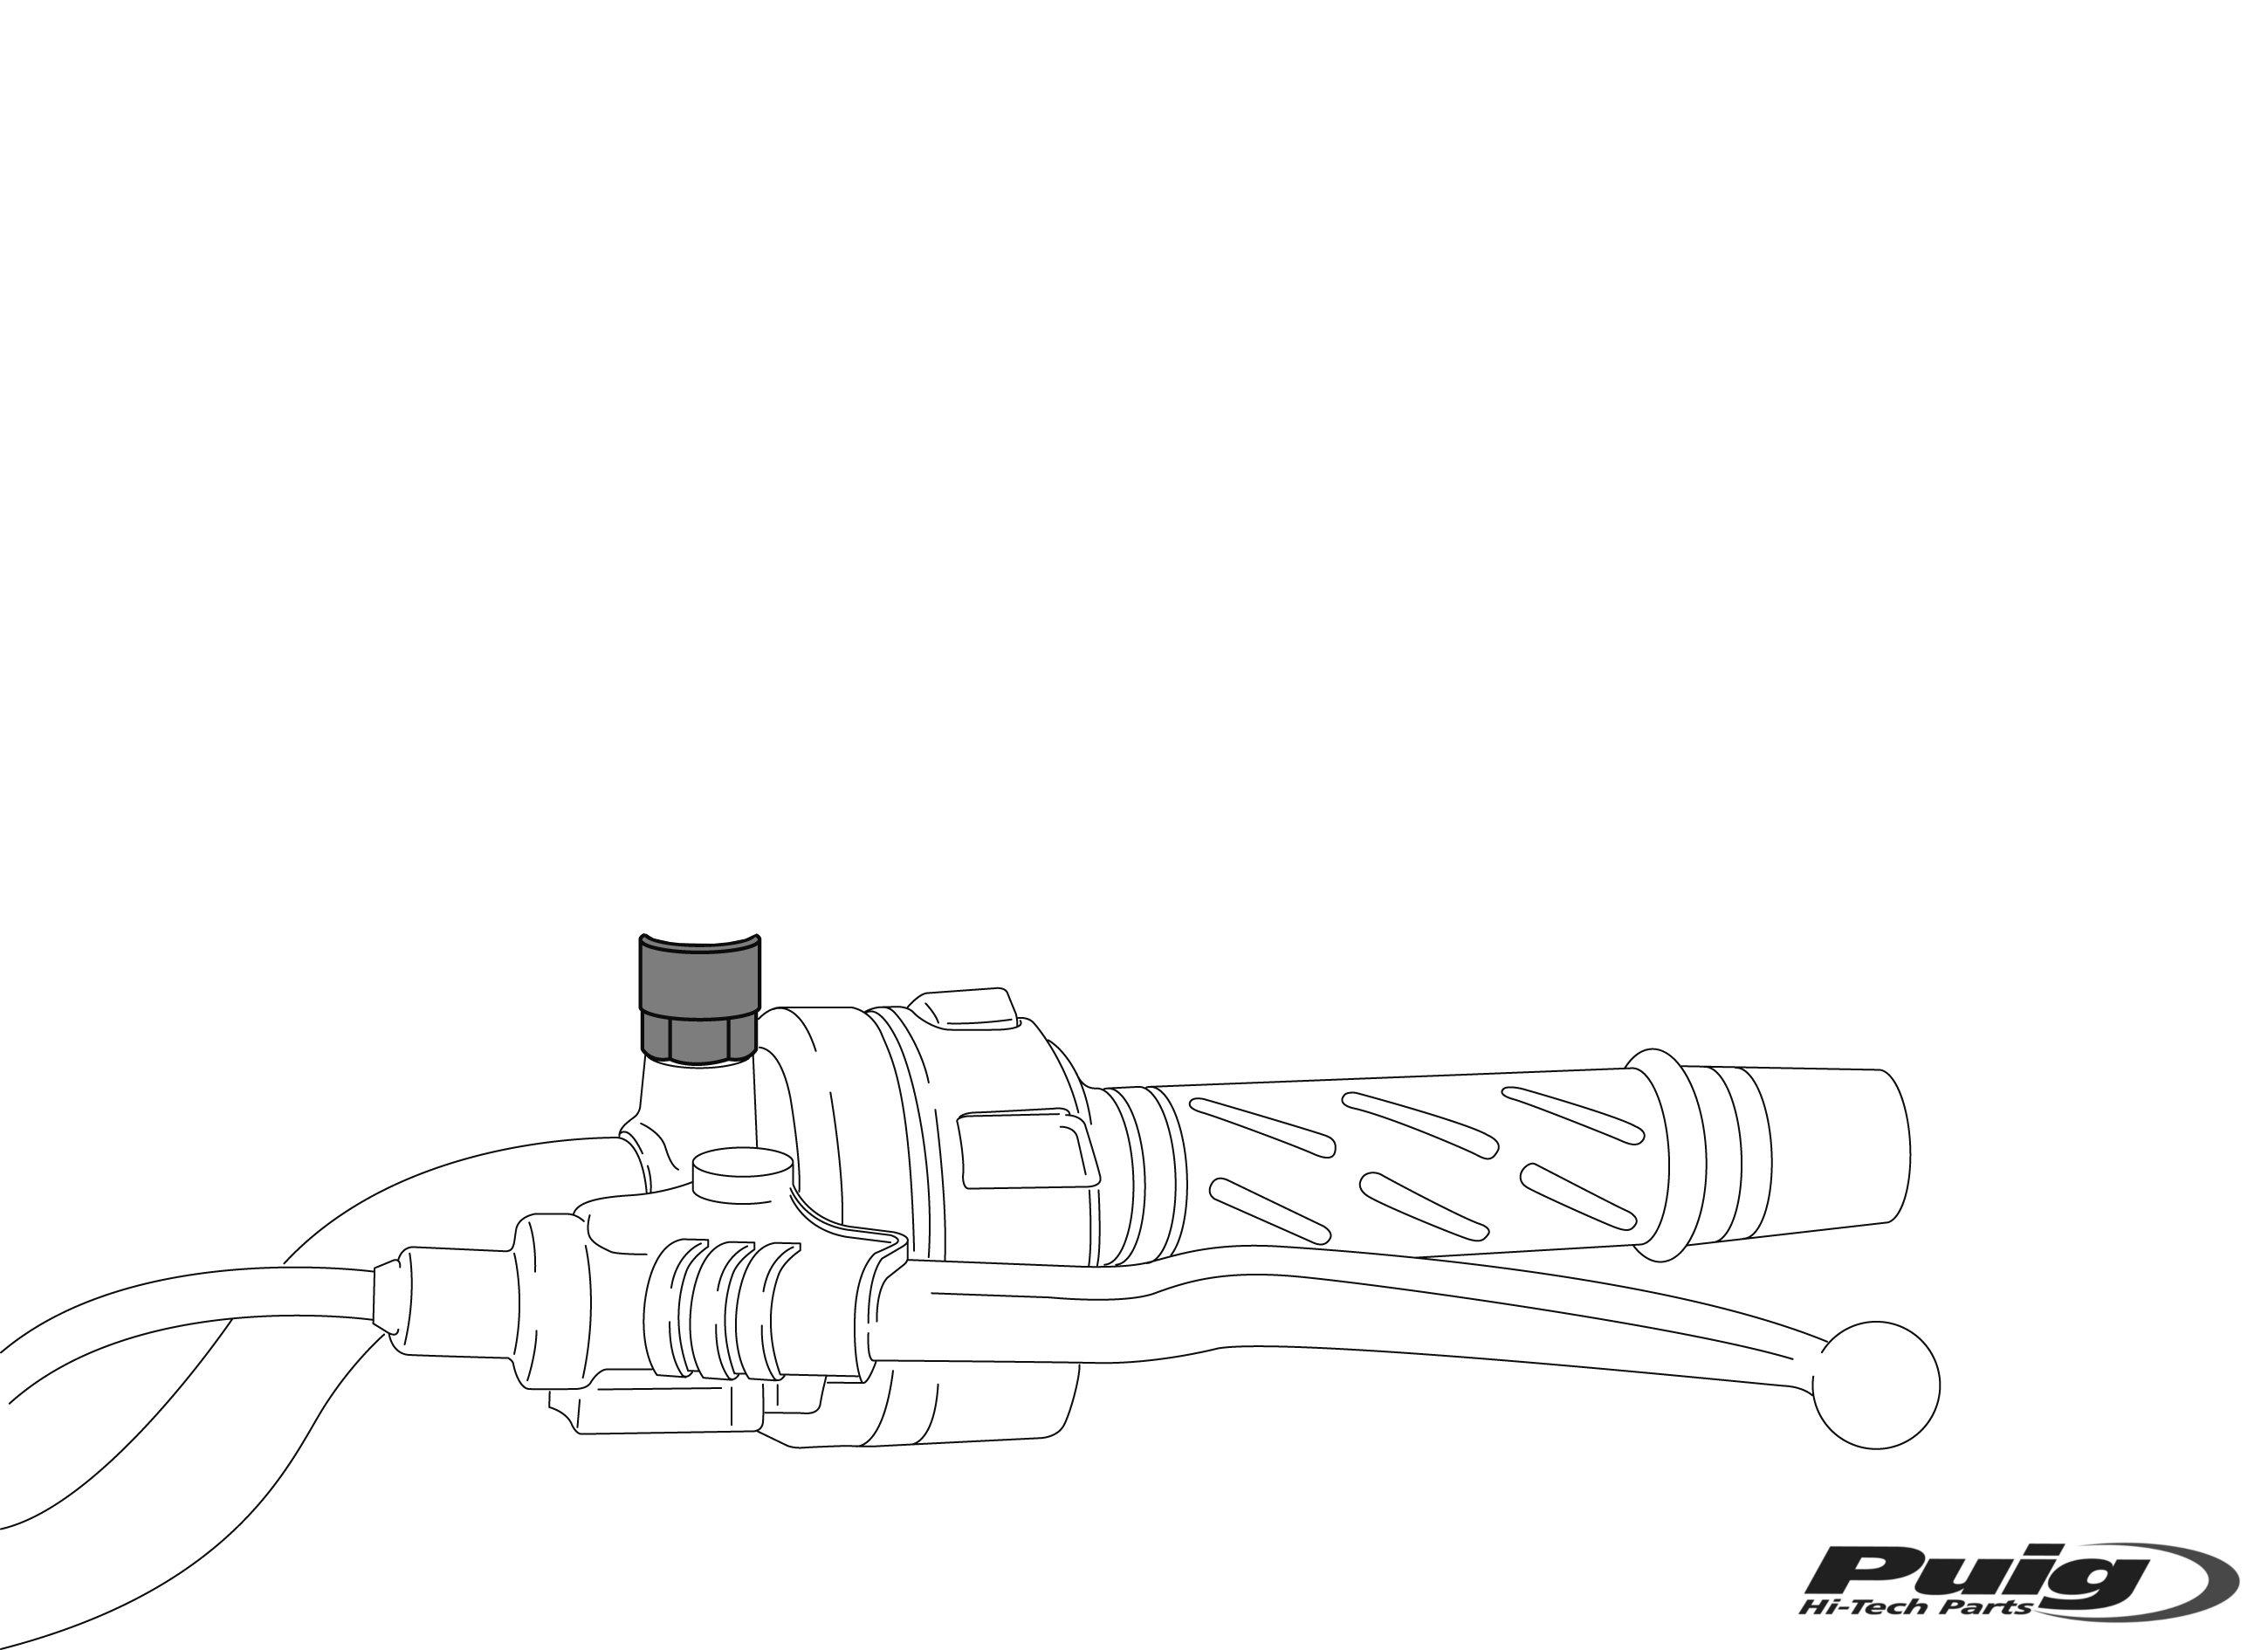 Adaptador para retrovisores Puig 9578N lado izquierdo para Ducati (mirar modelos compatibles)